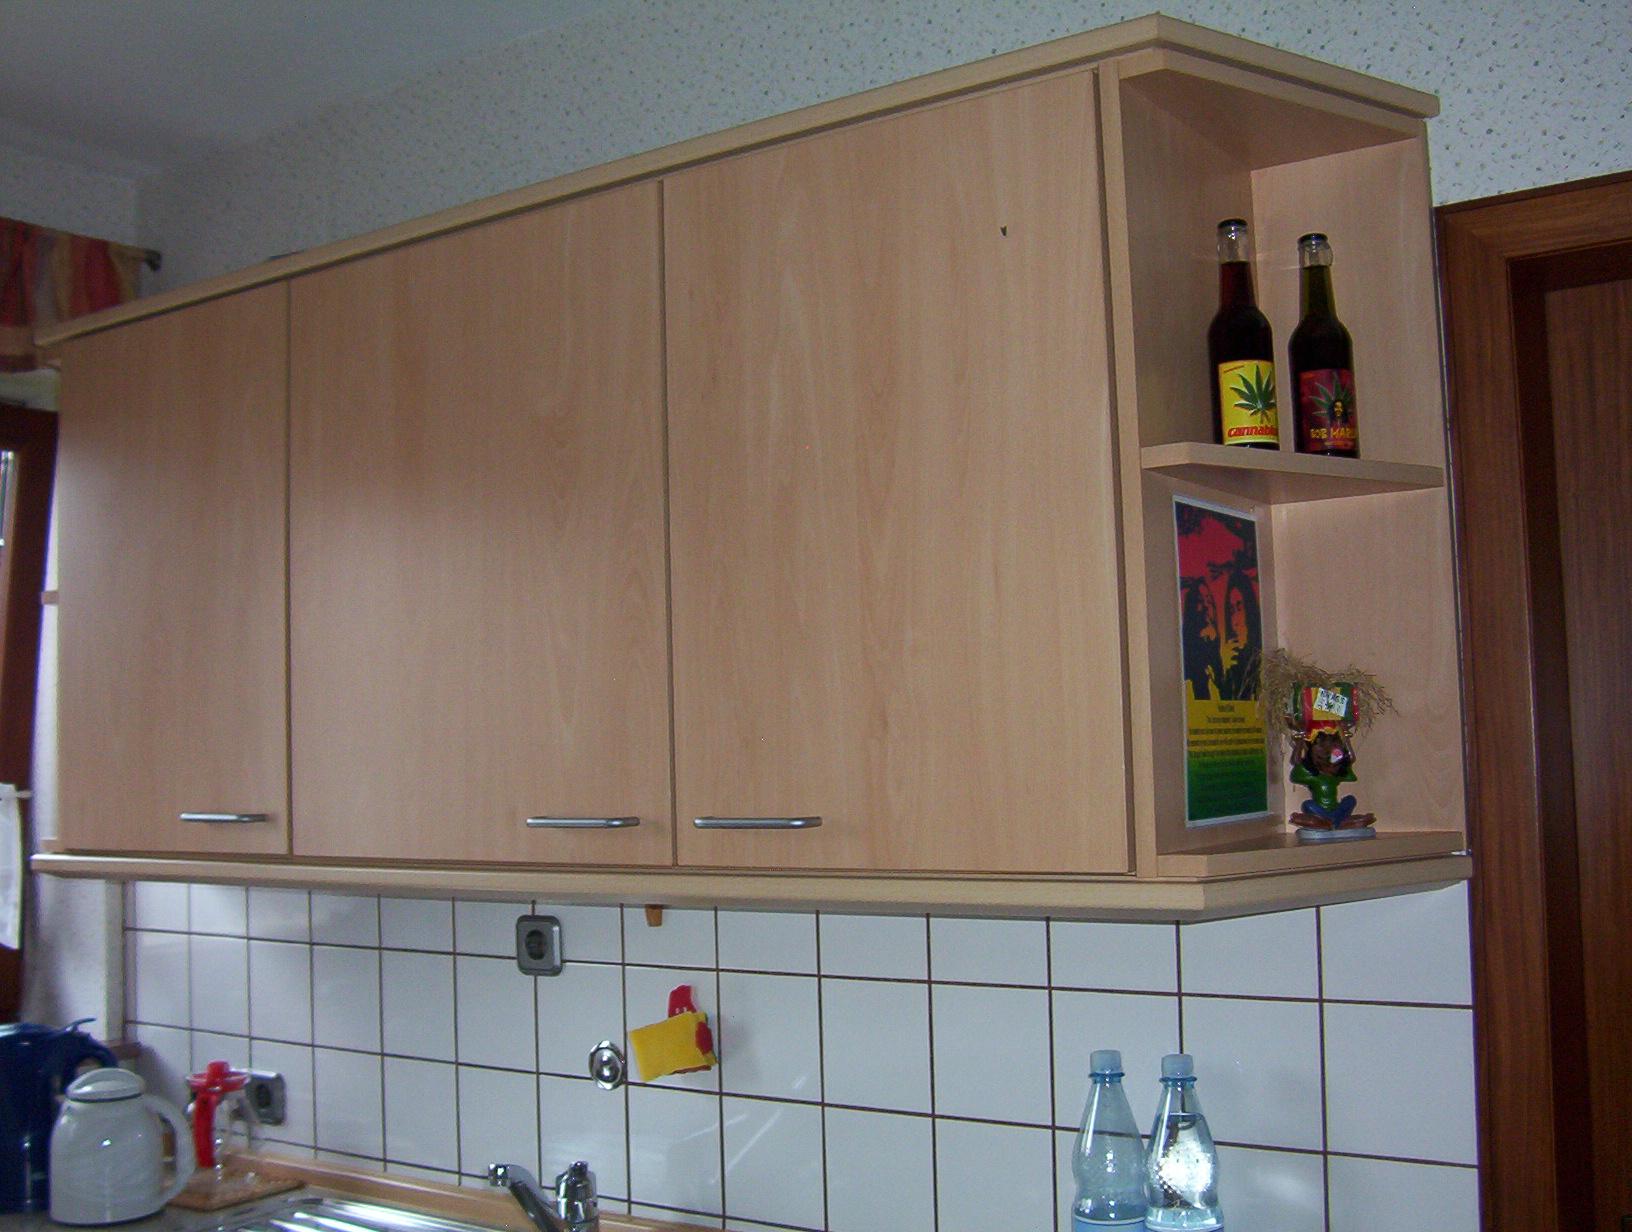 Hängeschrank küche  Welchen Abstand zwischen Hängeschrank und Arbeitsplatte ...